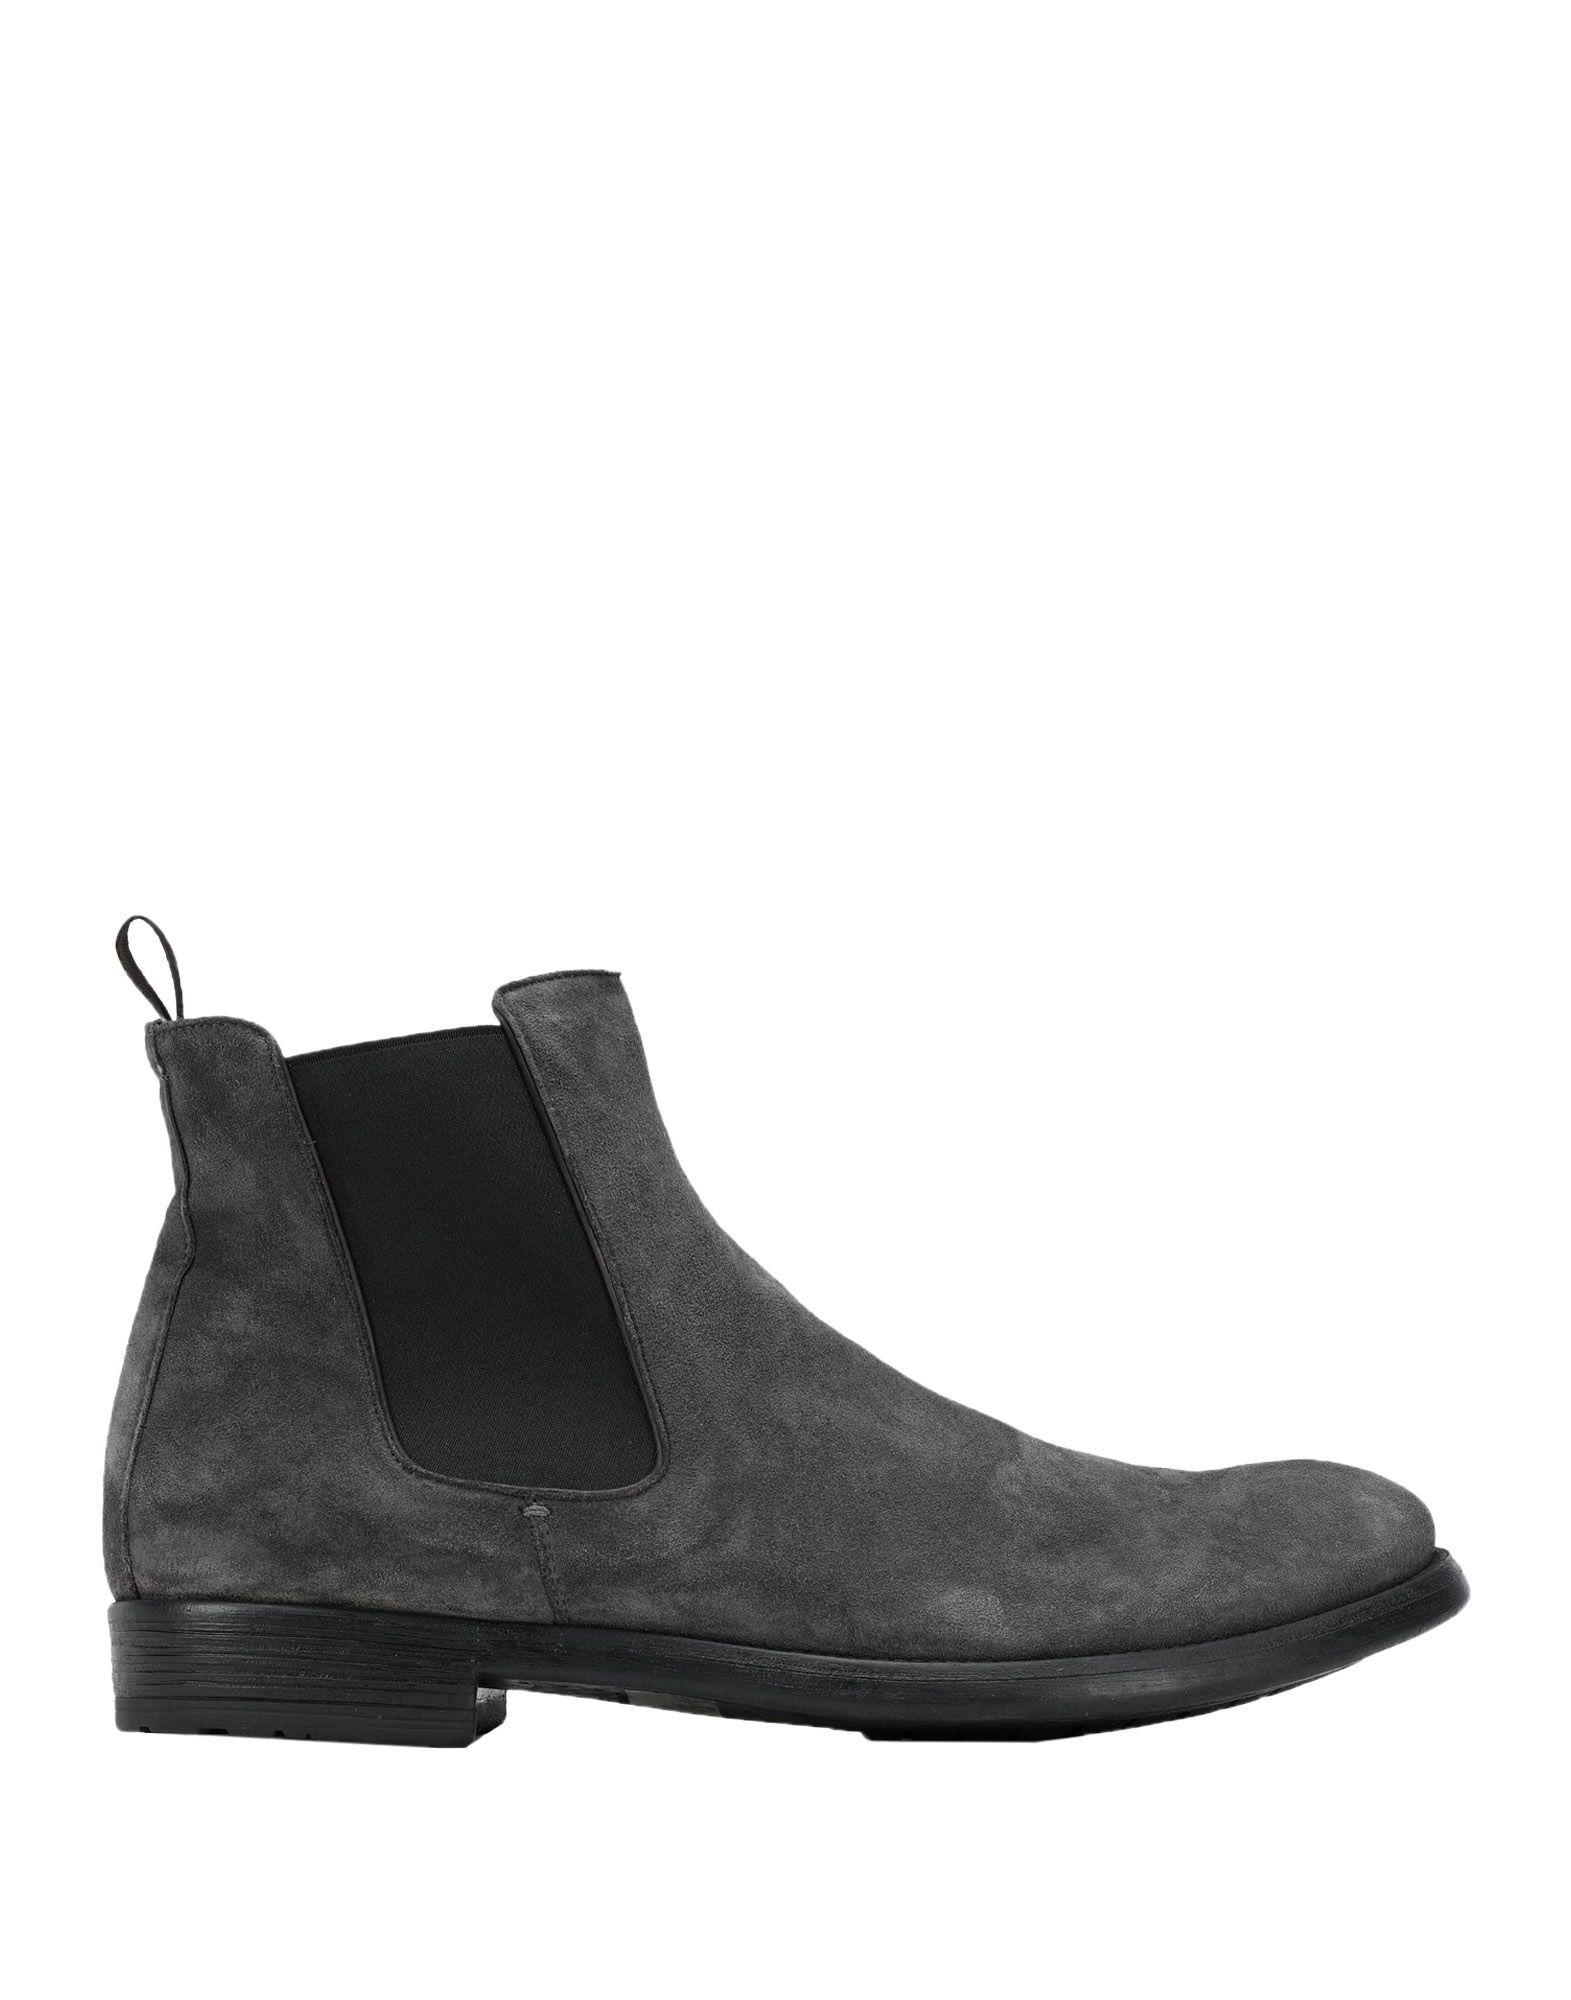 Officine Creative Italia Stiefelette Herren  11552754MK Gute Qualität beliebte Schuhe